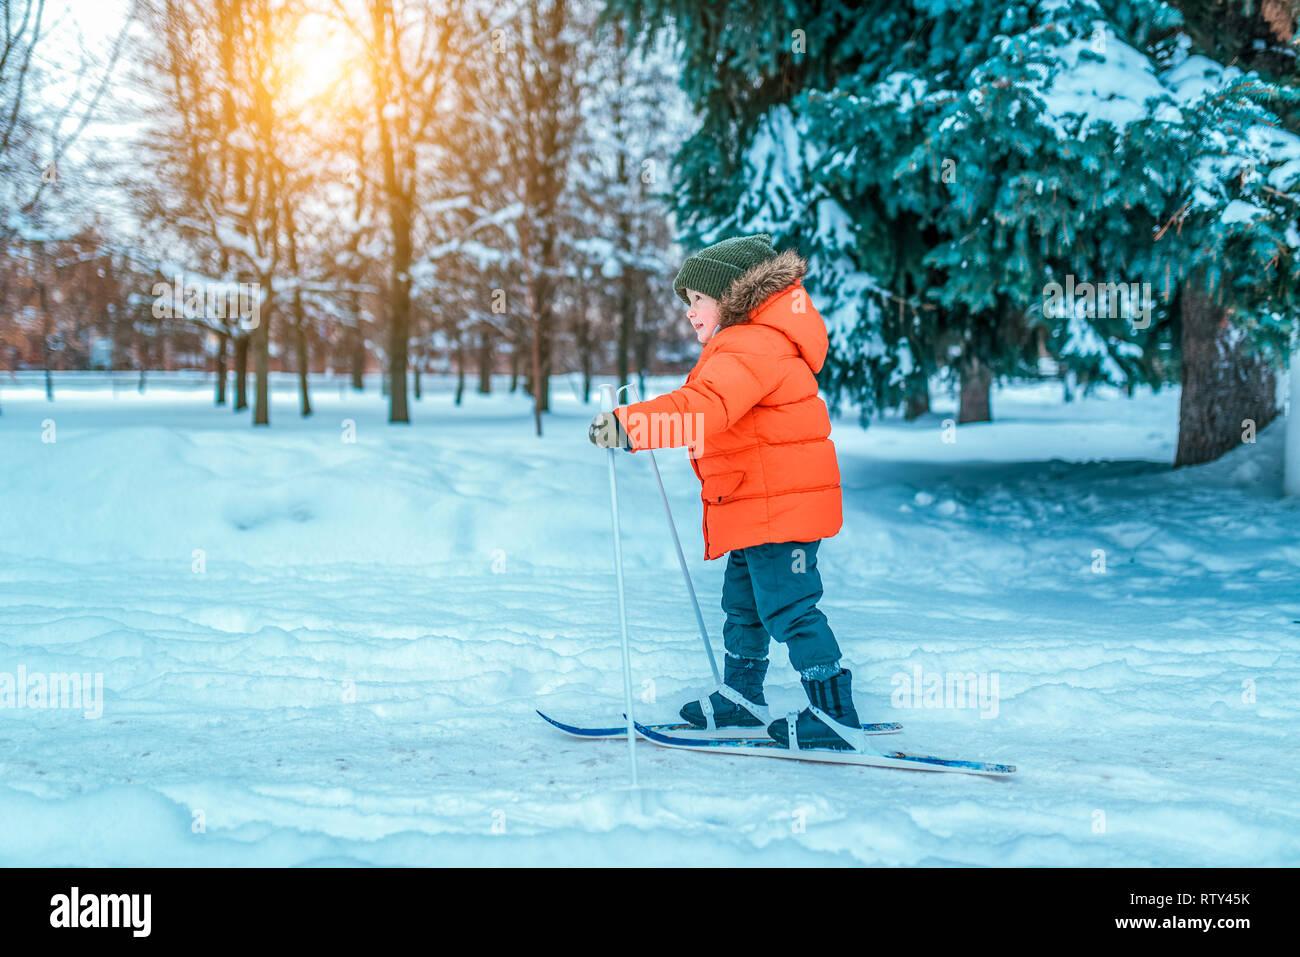 Un niño de 4-6 años en una chaqueta roja sobre esquís para niños. En invierno, en el parque de la ciudad, primeros pasos sobre los esquís, el comienzo de las actividades deportivas Foto de stock